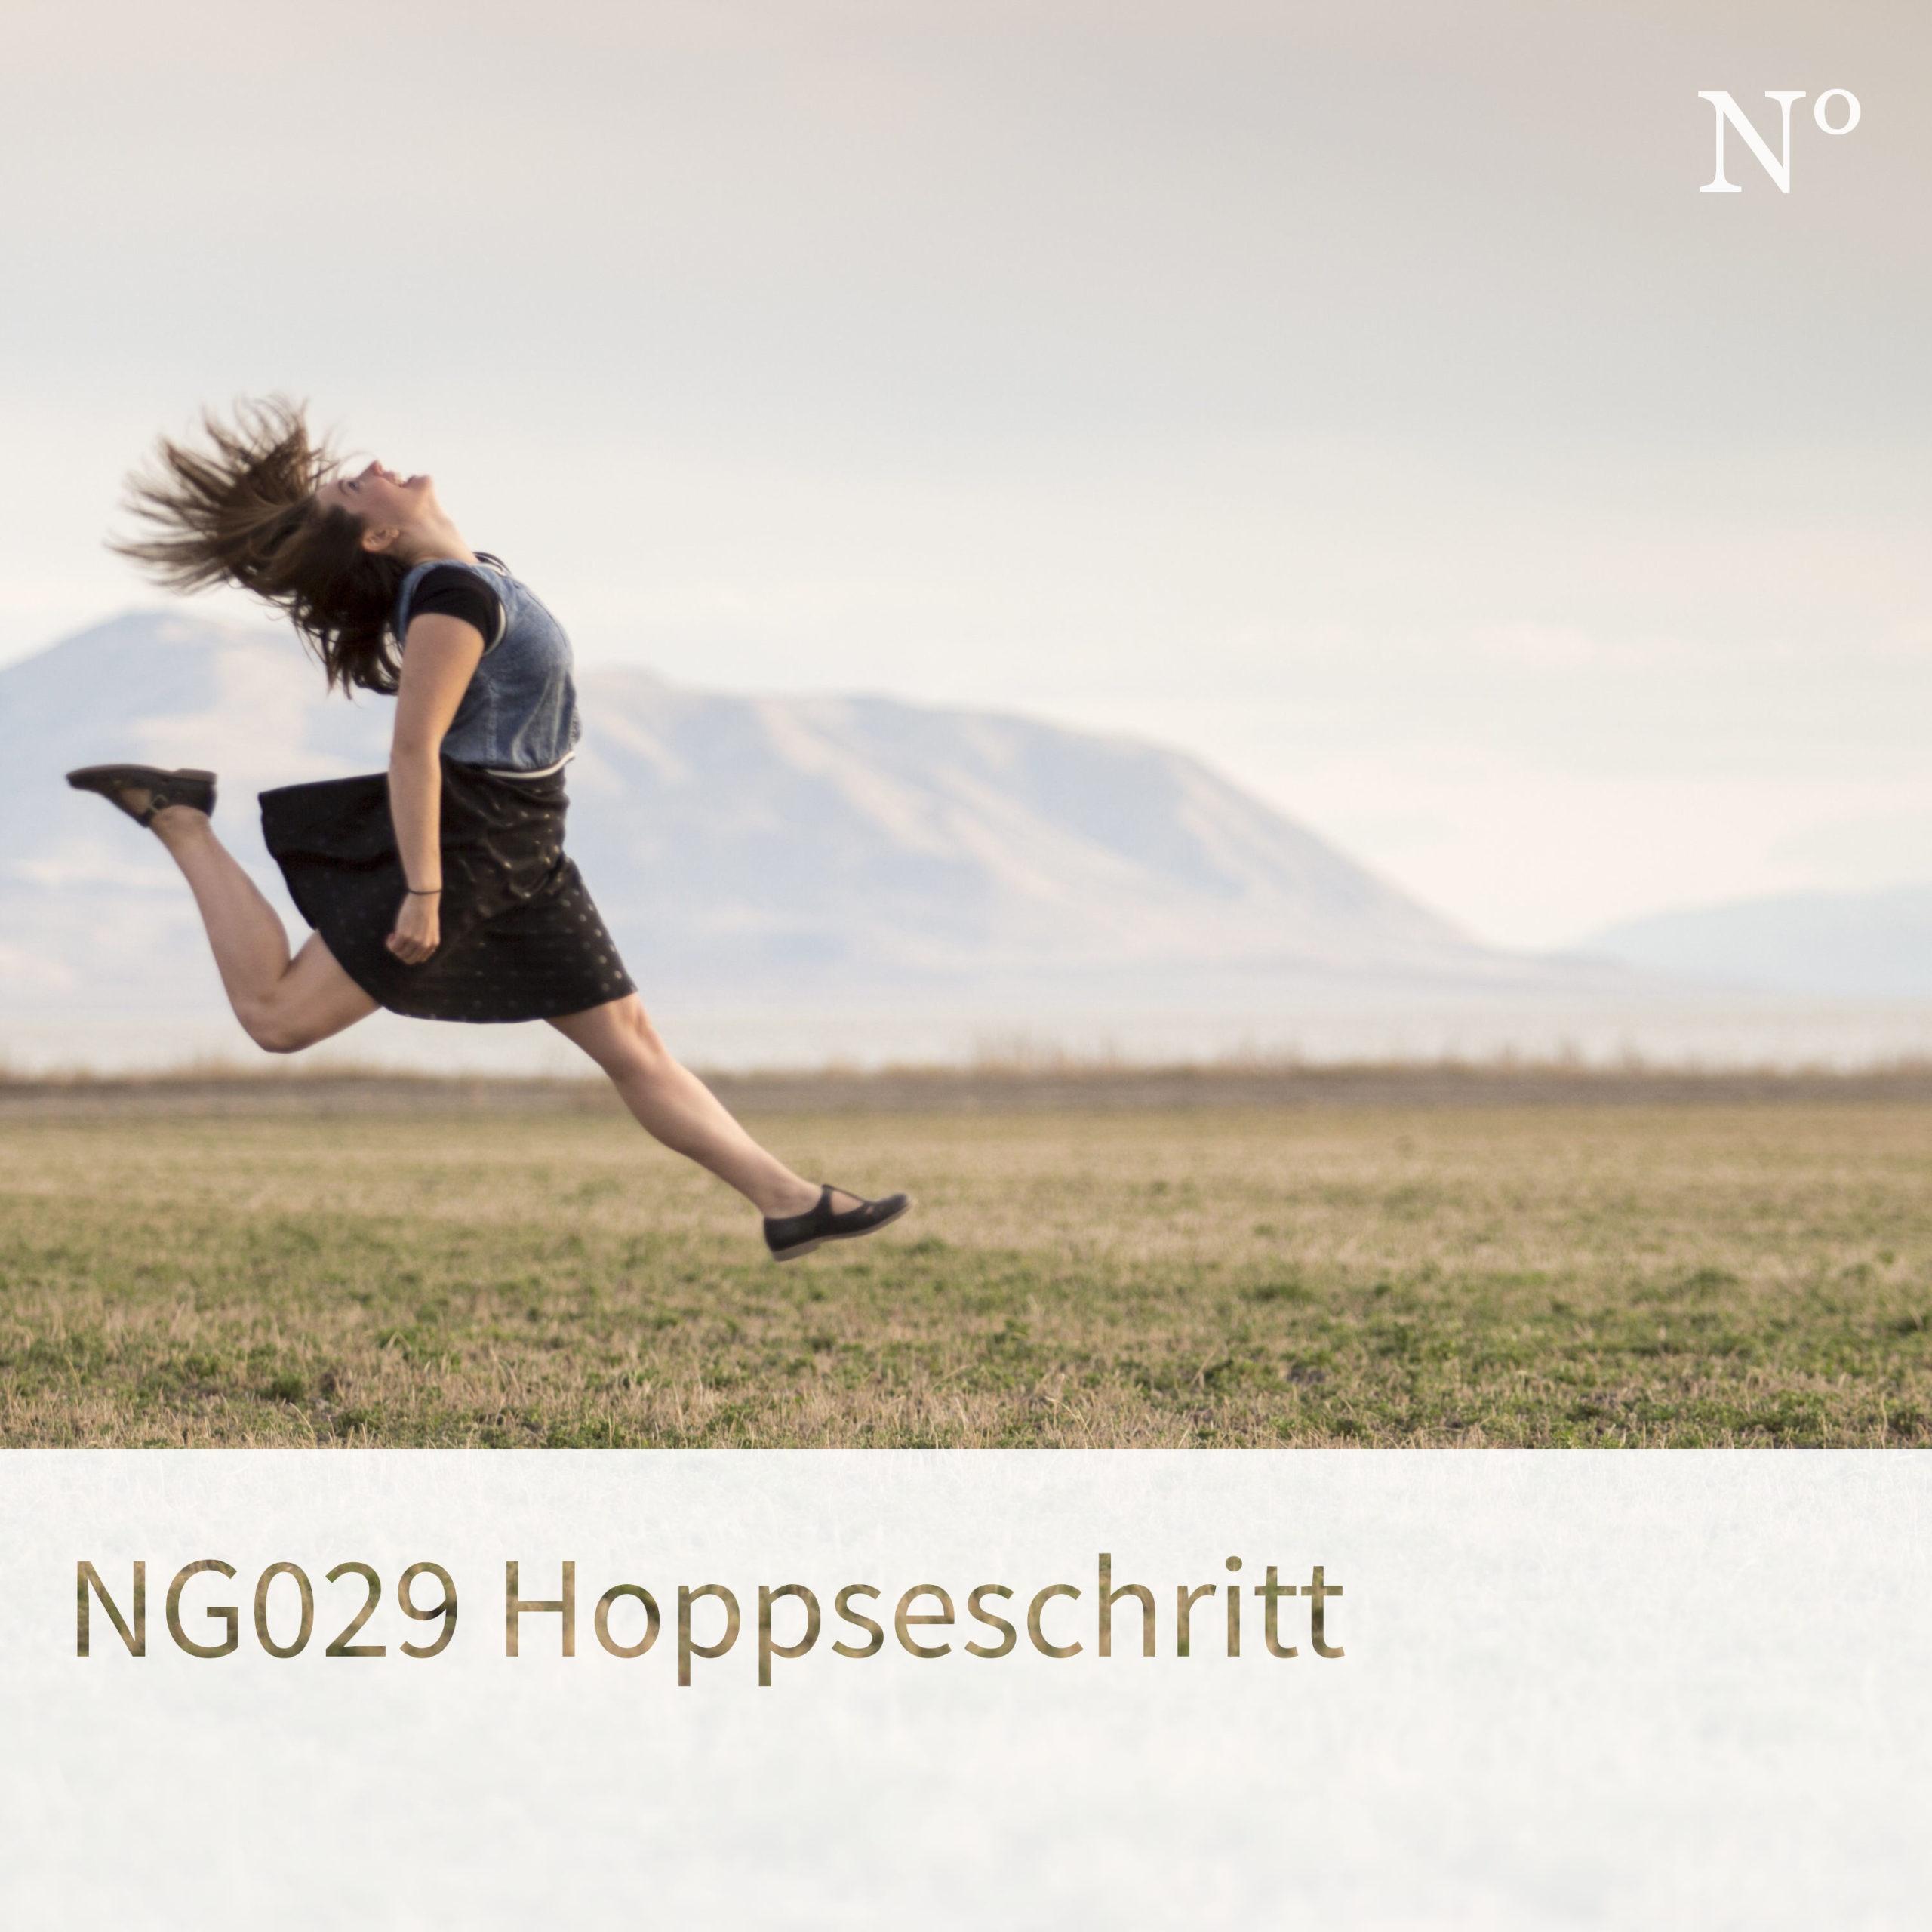 NG029 Hoppseschritt